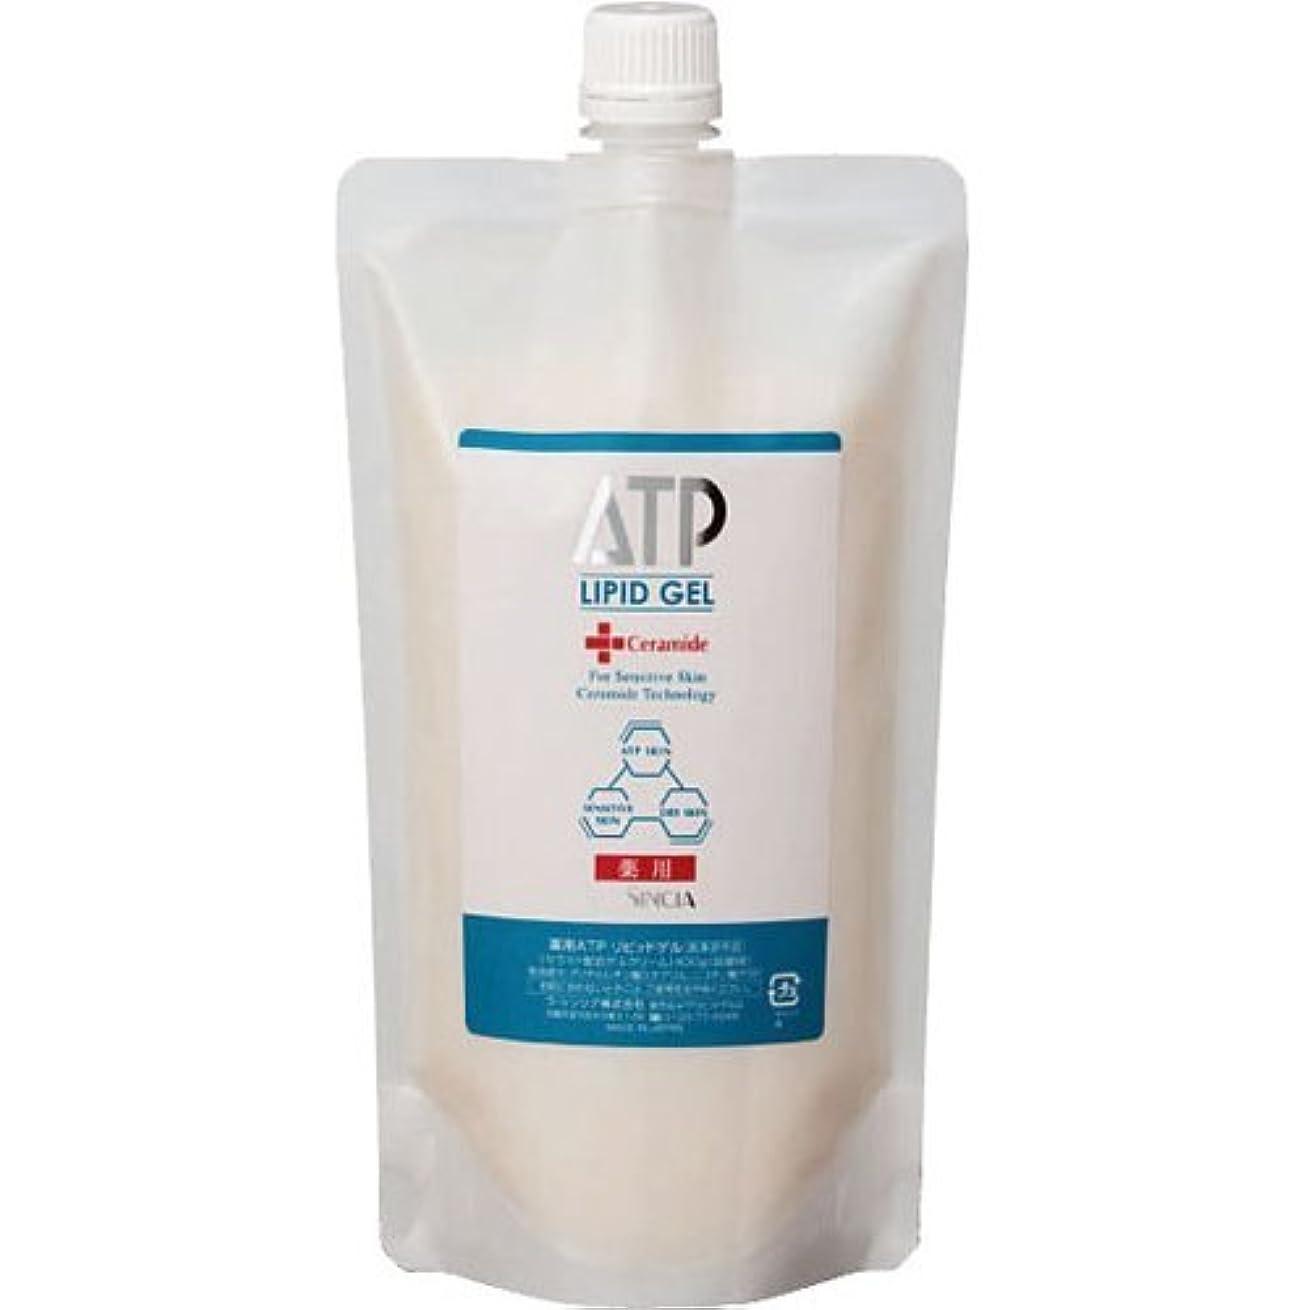 砂利隣接光ラシンシア 薬用ATPリピッドゲル 400g(詰替用) 【セラミド配合ゲルクリーム】